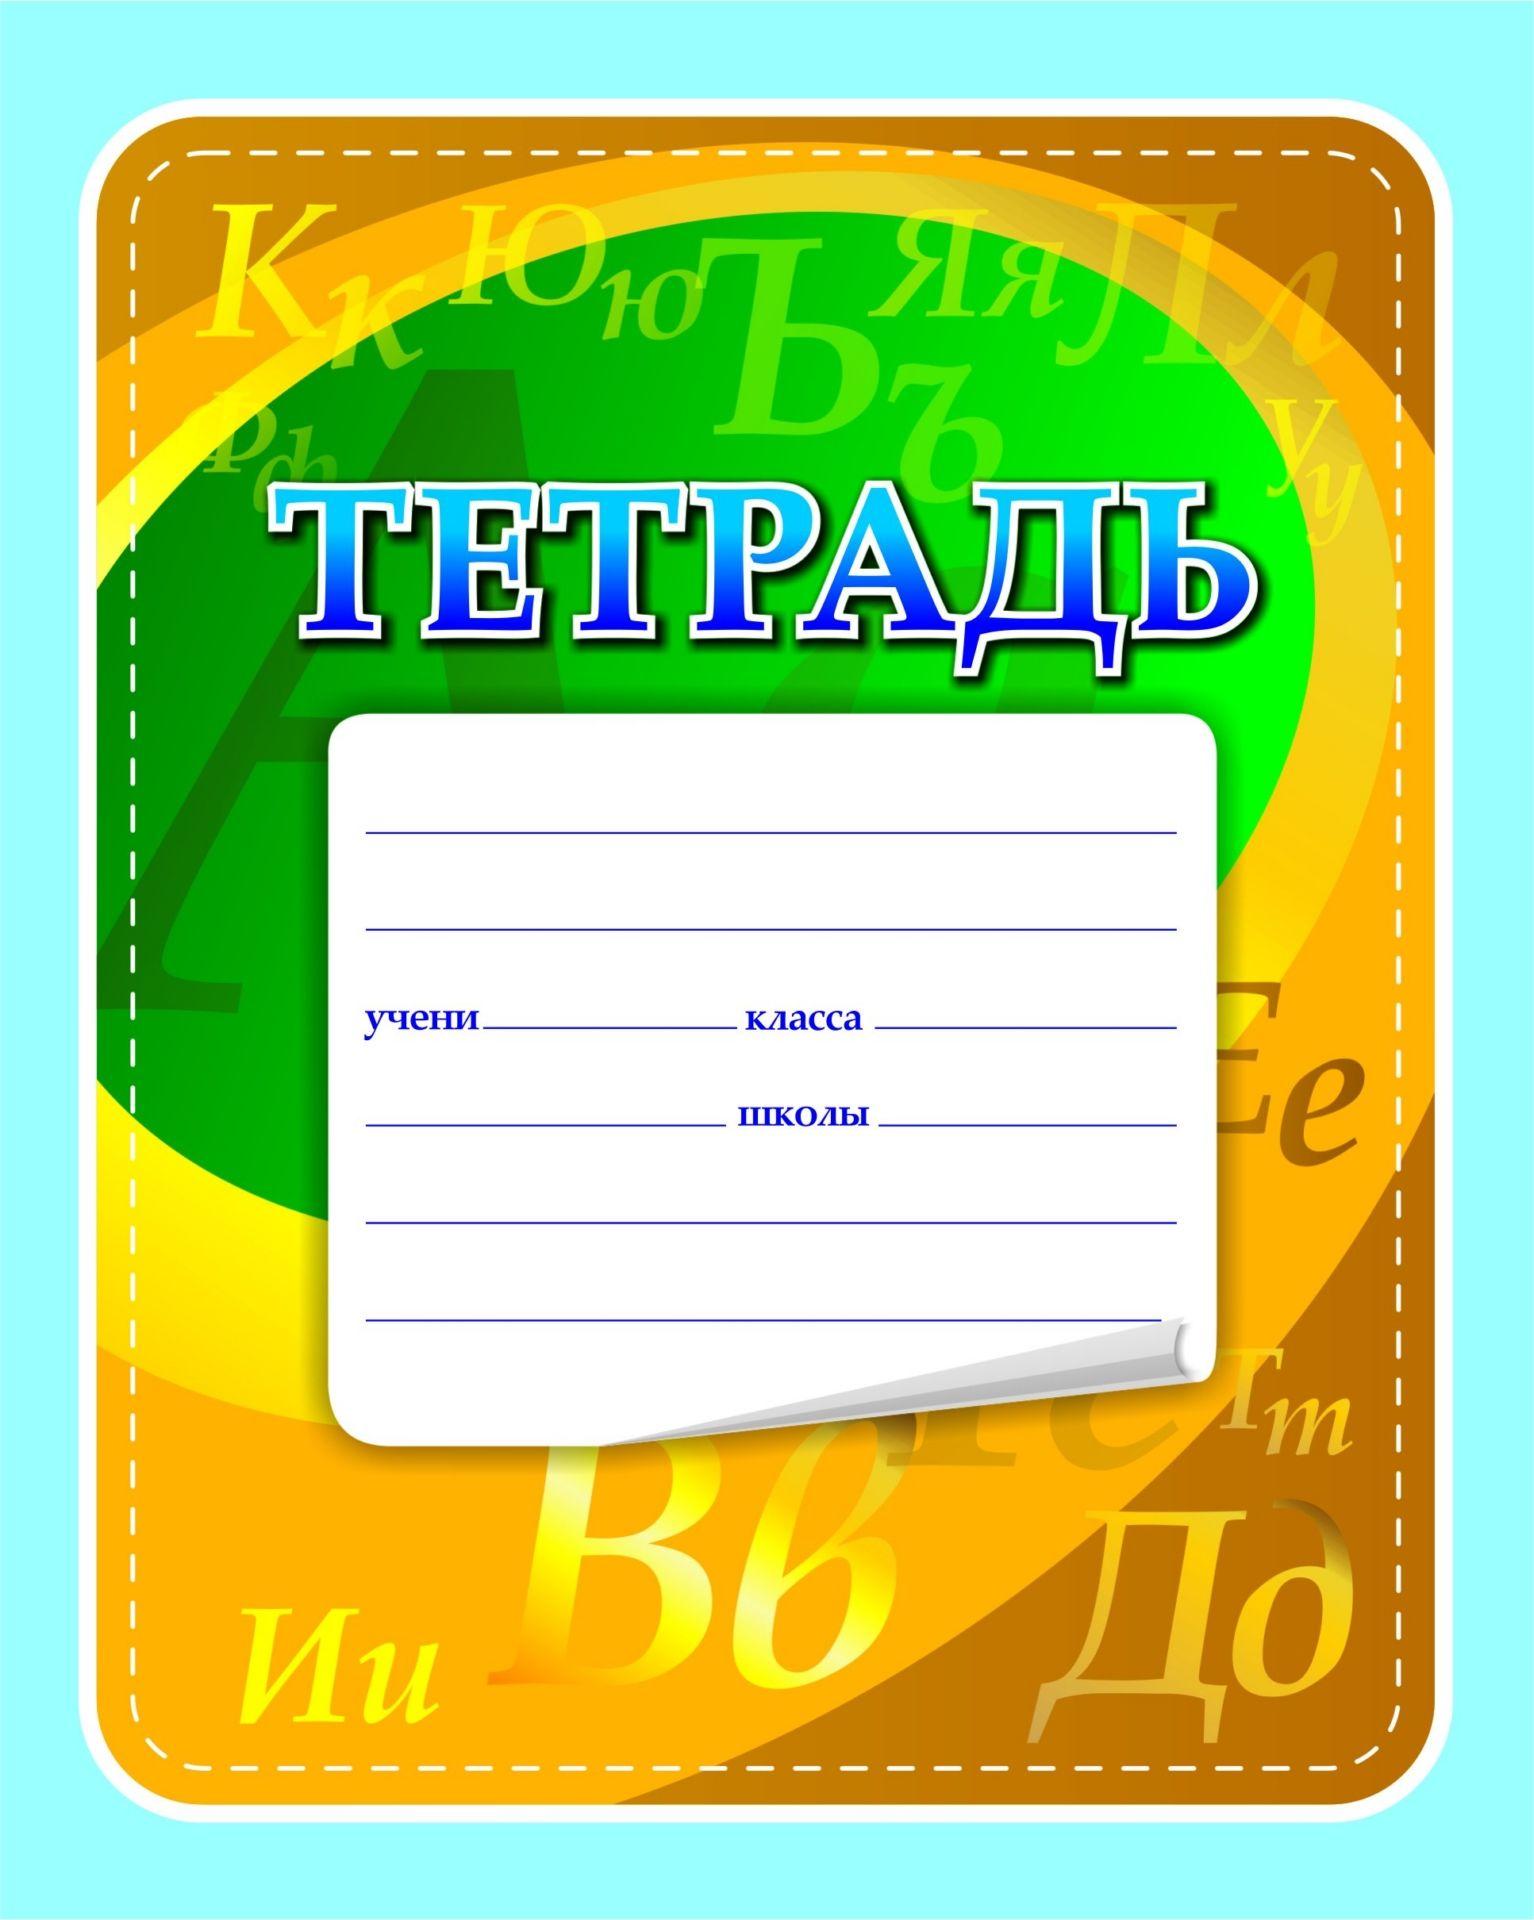 Тетрадь по русскому языку (с грамматикой)12 листов<br>.<br><br>Авторы: Бондарева Т. В.<br>Год: 2017<br>Высота: 205<br>Ширина: 165<br>Толщина: 2<br>Переплёт: мягкая, скрепка